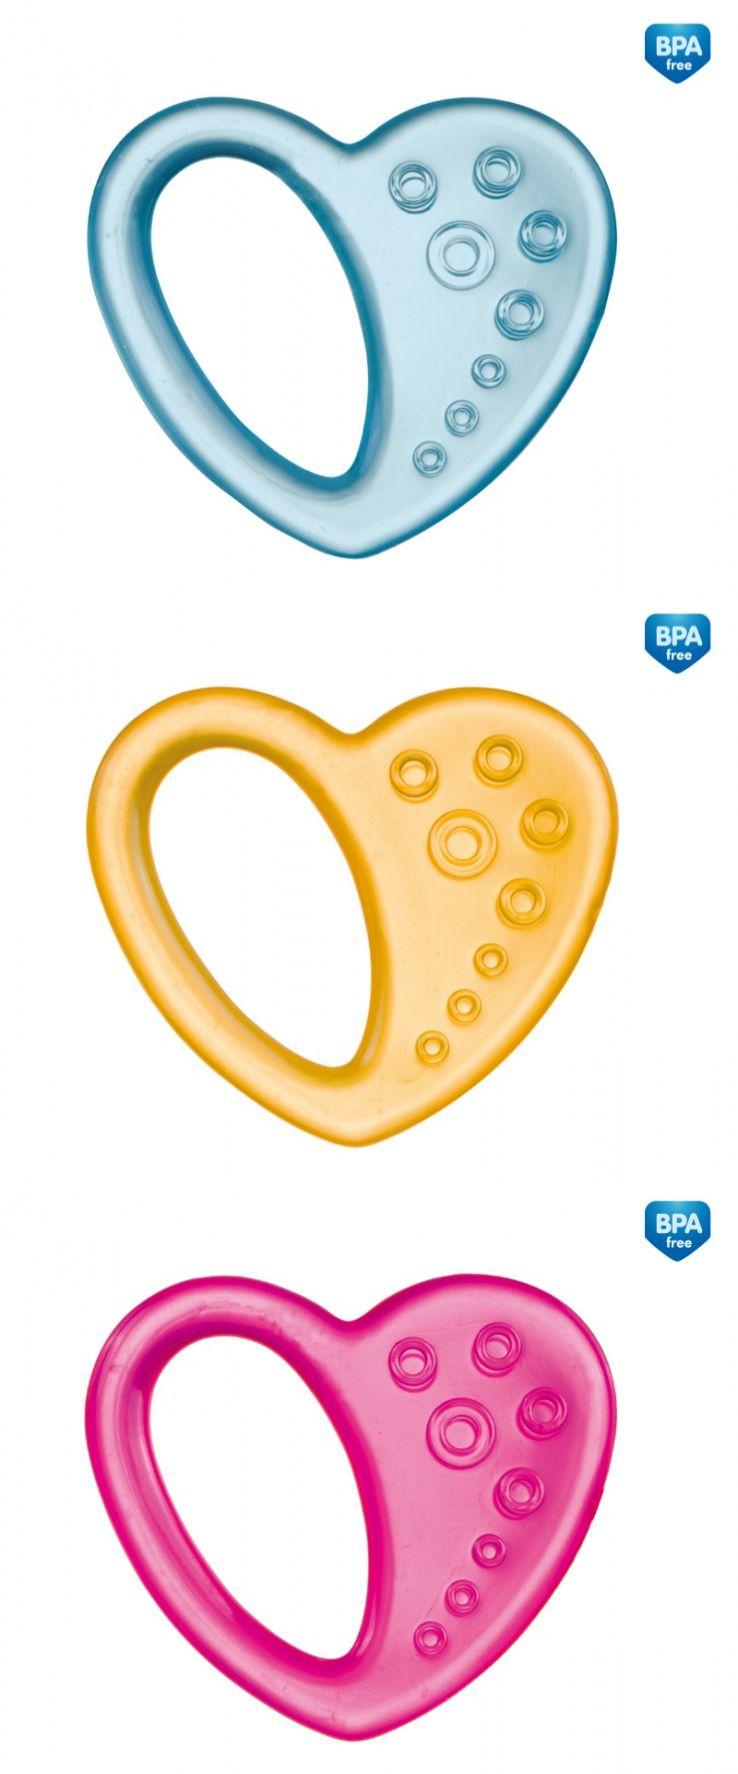 """Прорезыватель для зубов охлаждающий (дизайн """"Сердечко"""", с дистиллированной водой), 2/294, """"Canpol babies"""""""